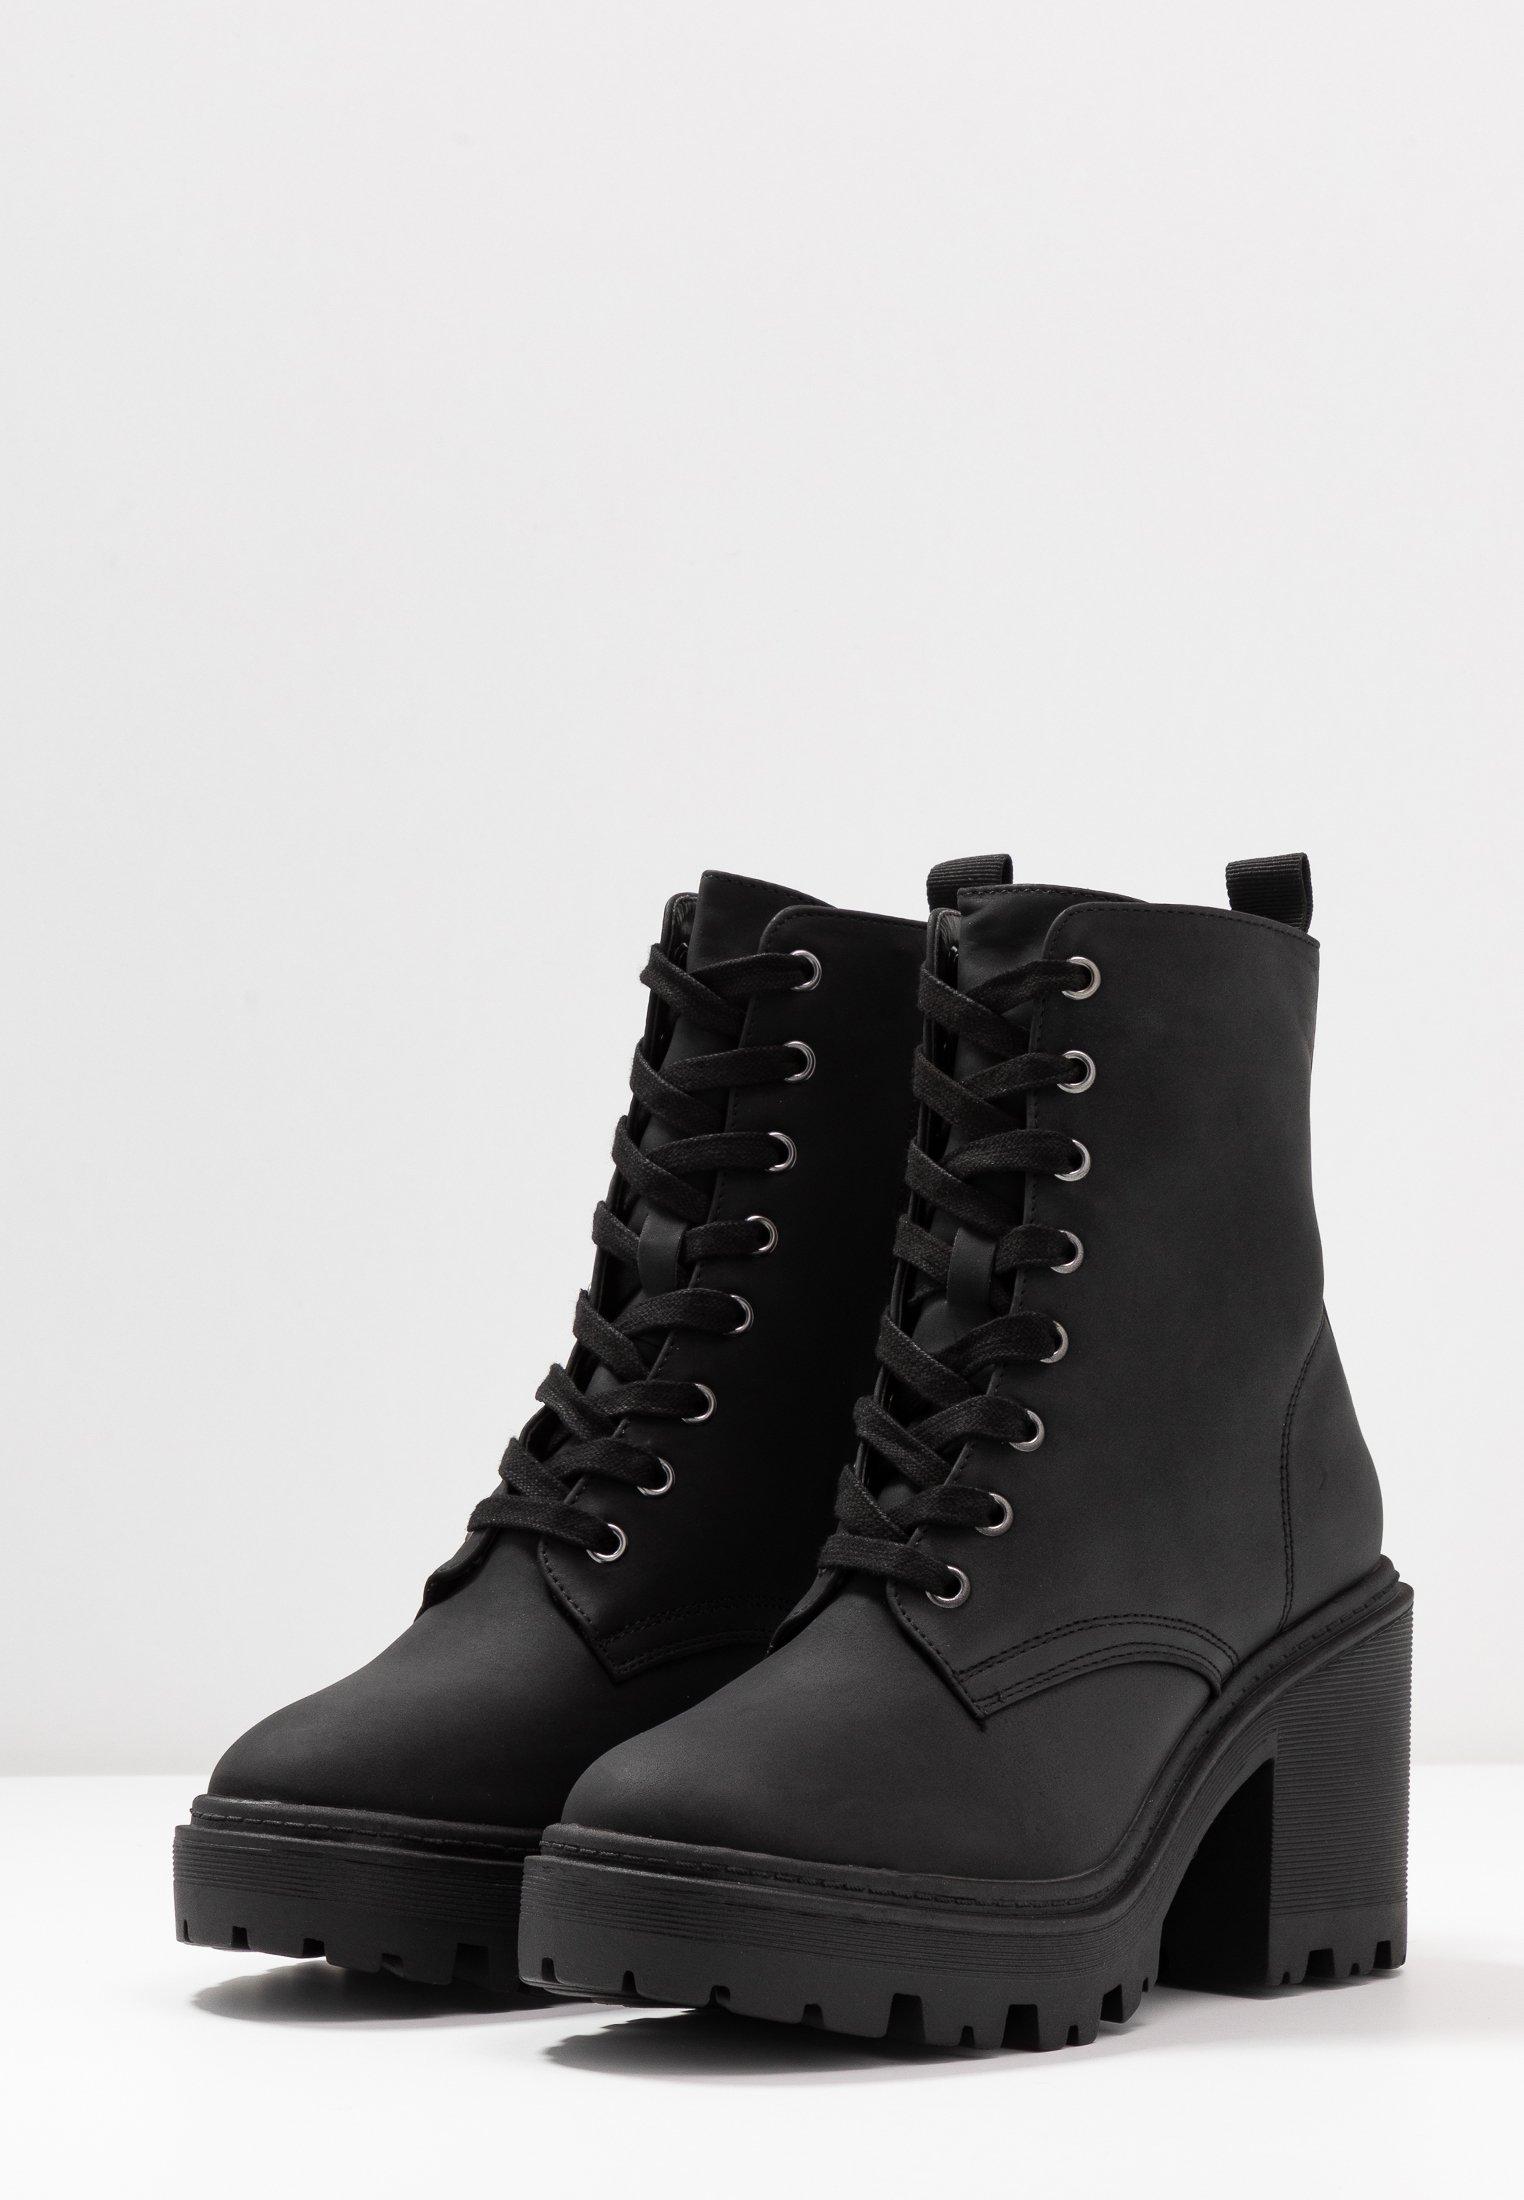 New Look DYNAMITE - Bottines à talons hauts black